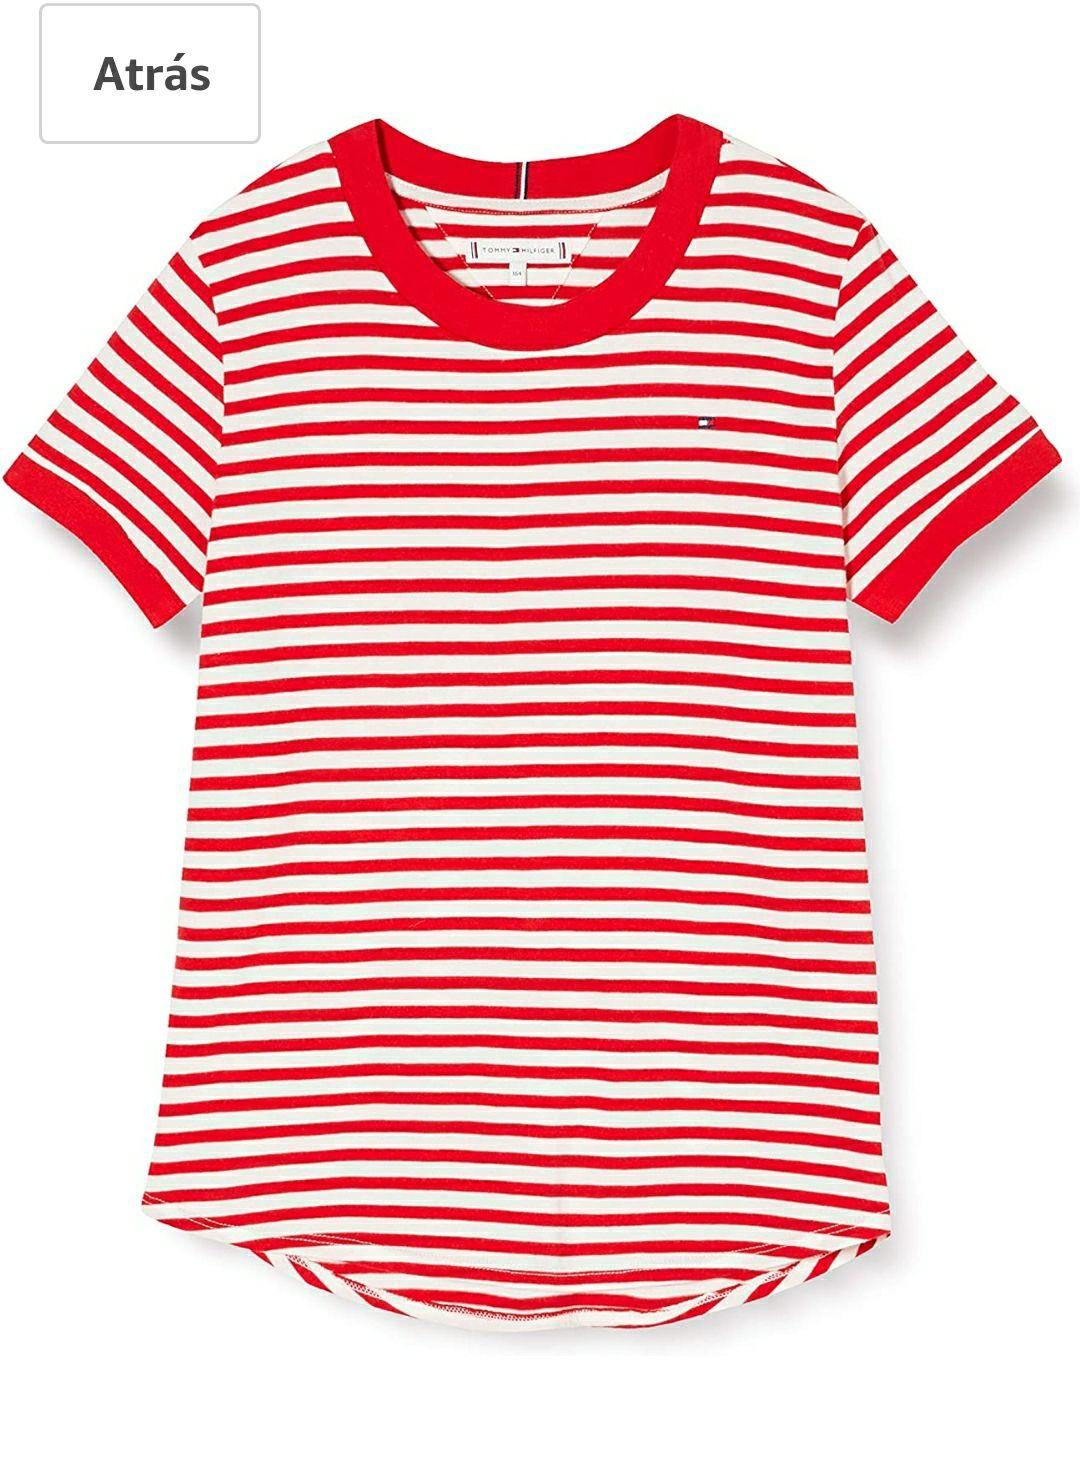 TALLA 4 AÑOS - Tommy Hilfiger Essential Stripe Top S/S Camisa para Niñas